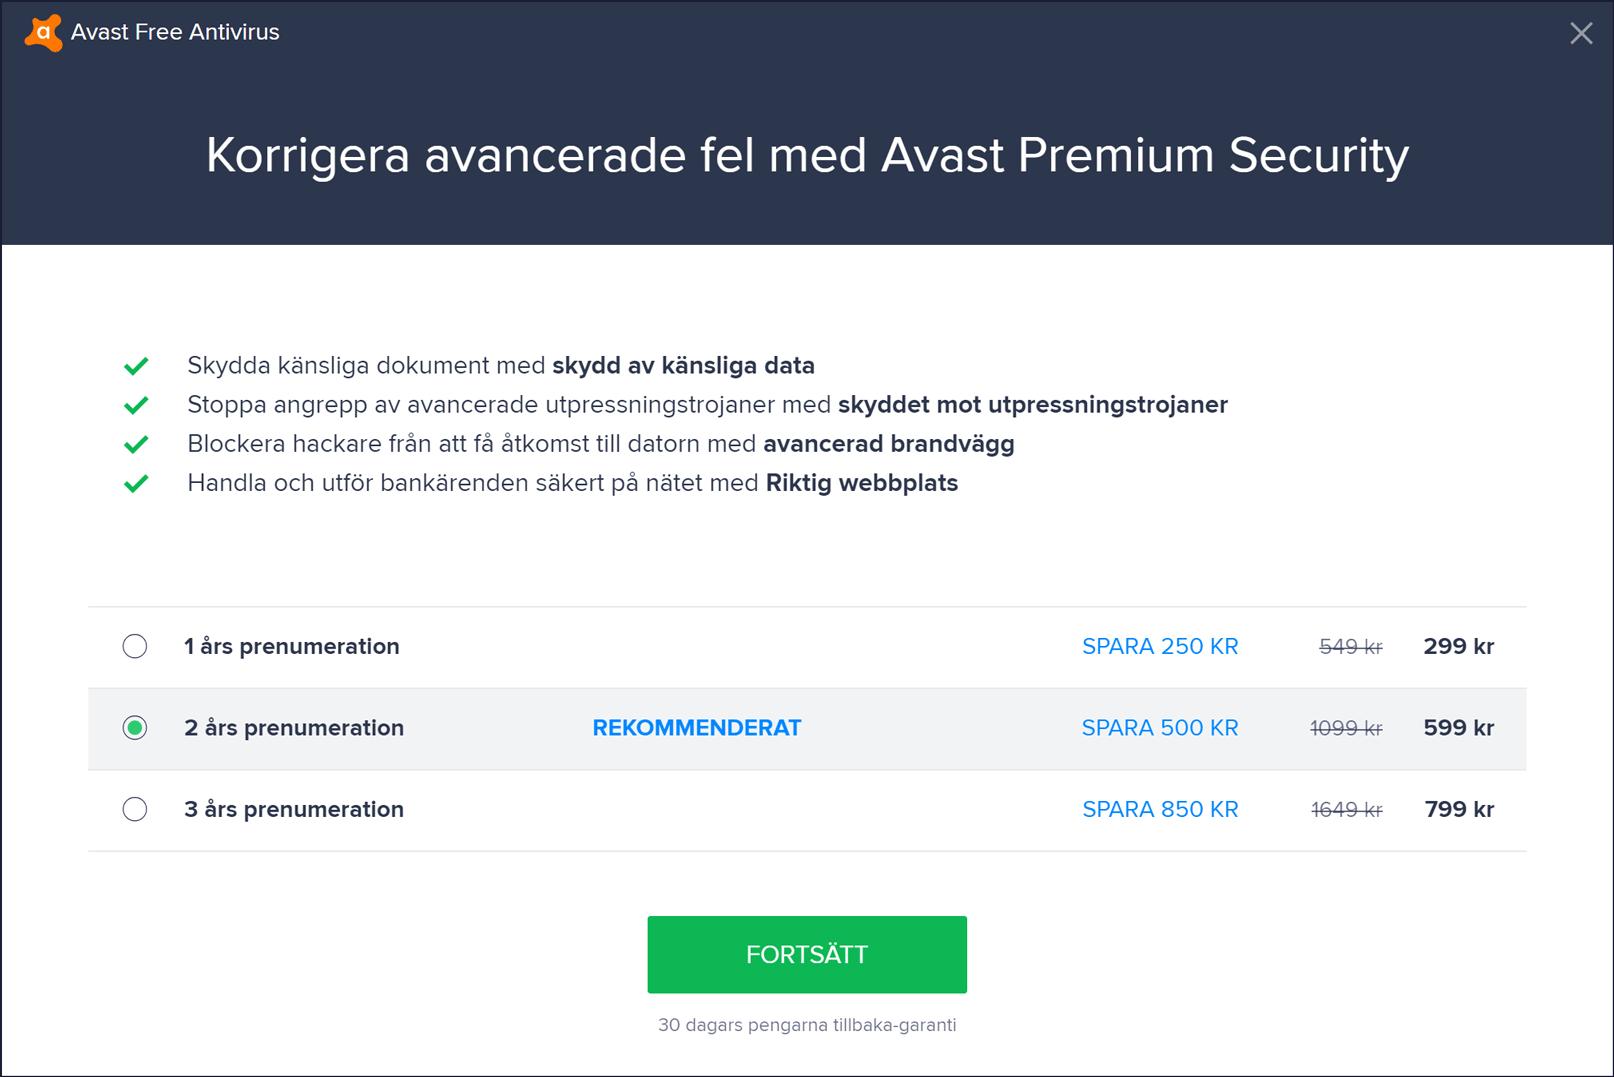 Avast-erbjudande för premiumprodukt